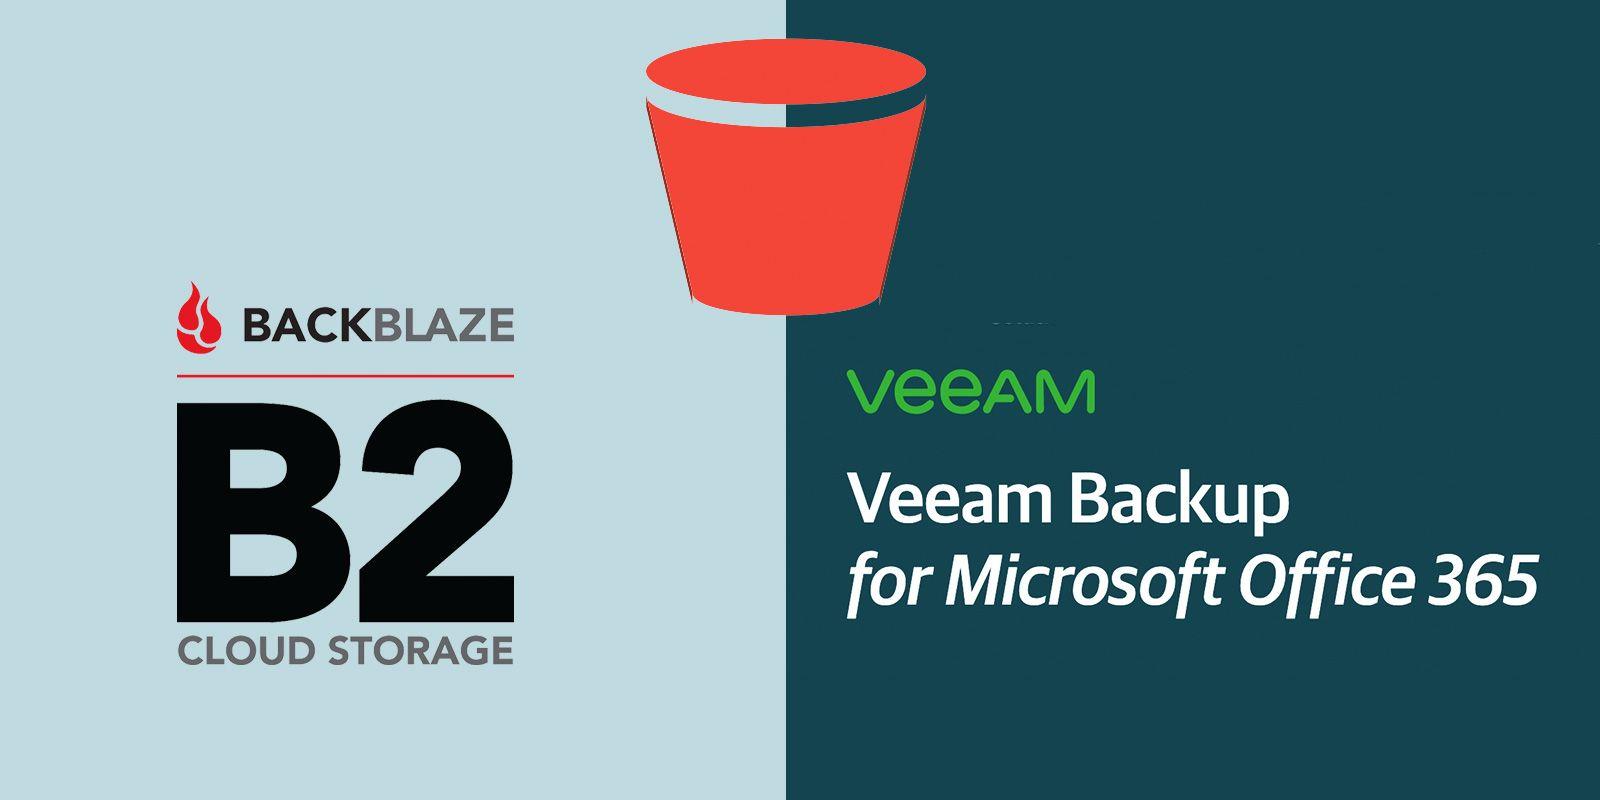 Backblaze B2 s3 with Veeam Backup for Office365